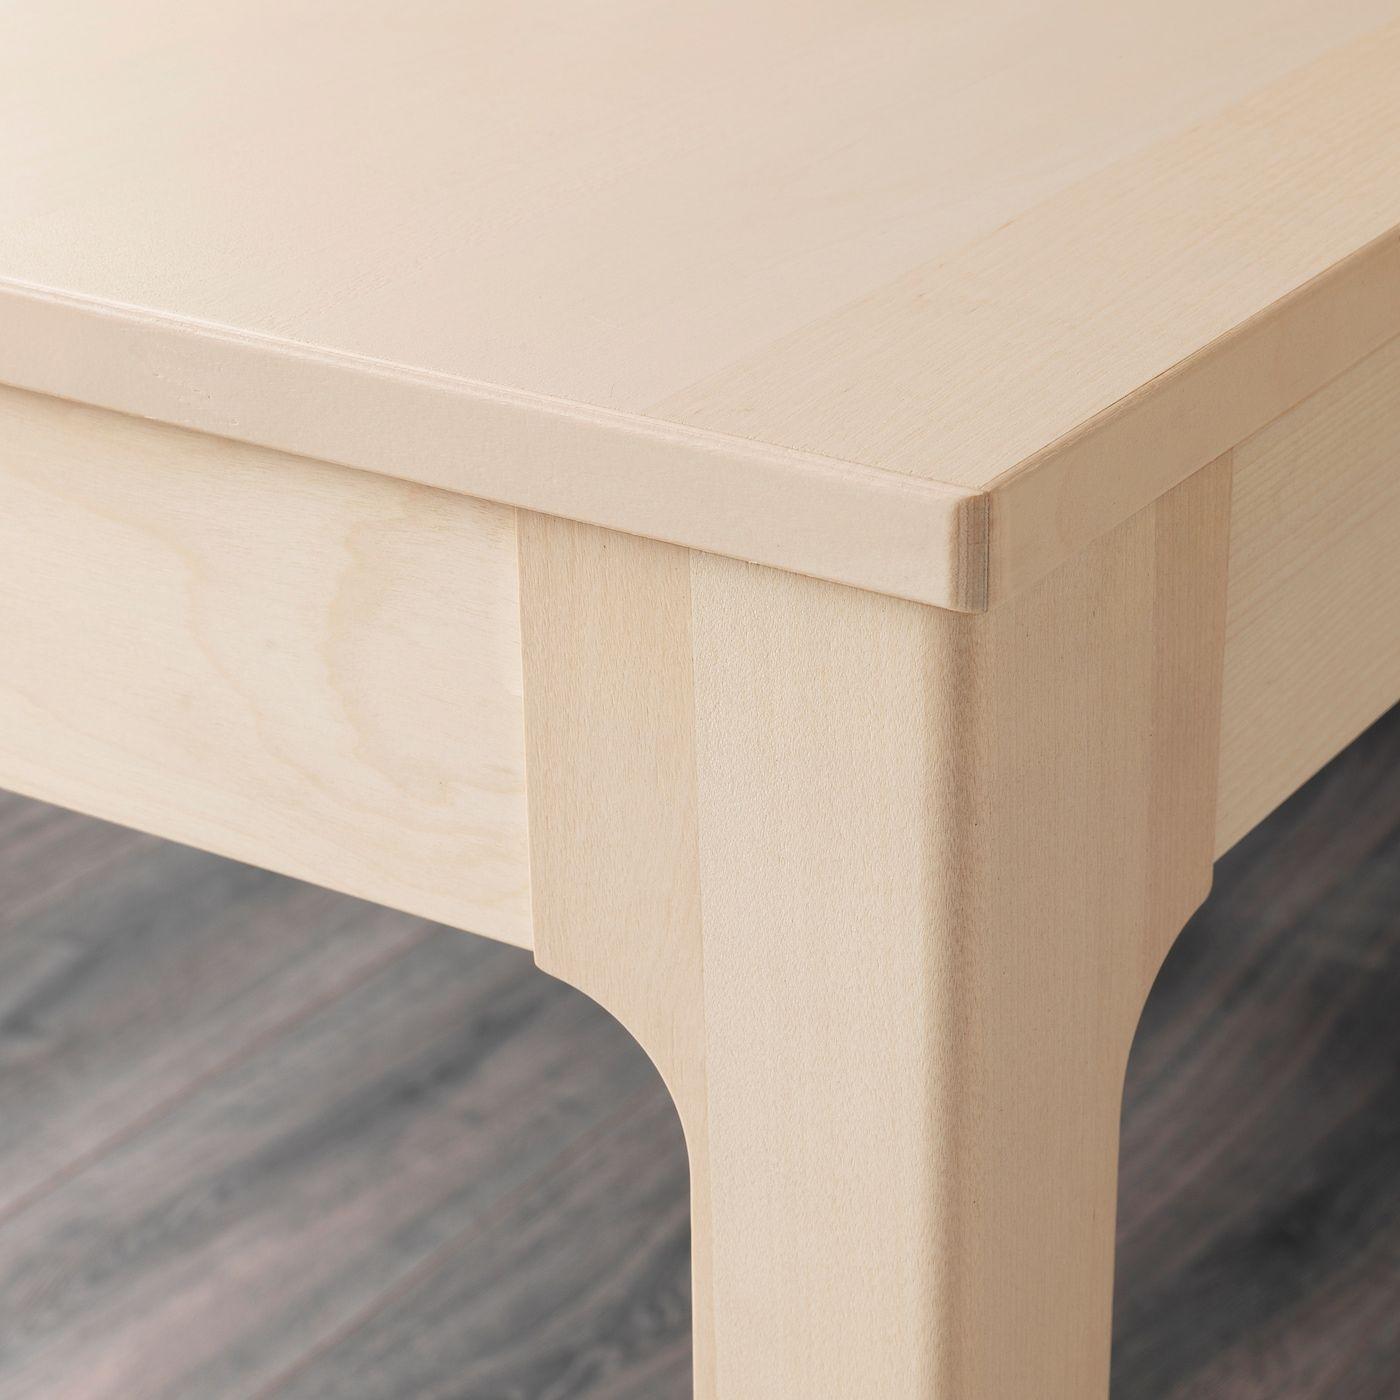 Ekedalen Leifarne Tisch Und 4 Stuhle Birke Weiss In 2020 Ausziehtisch Tisch Und Ikea